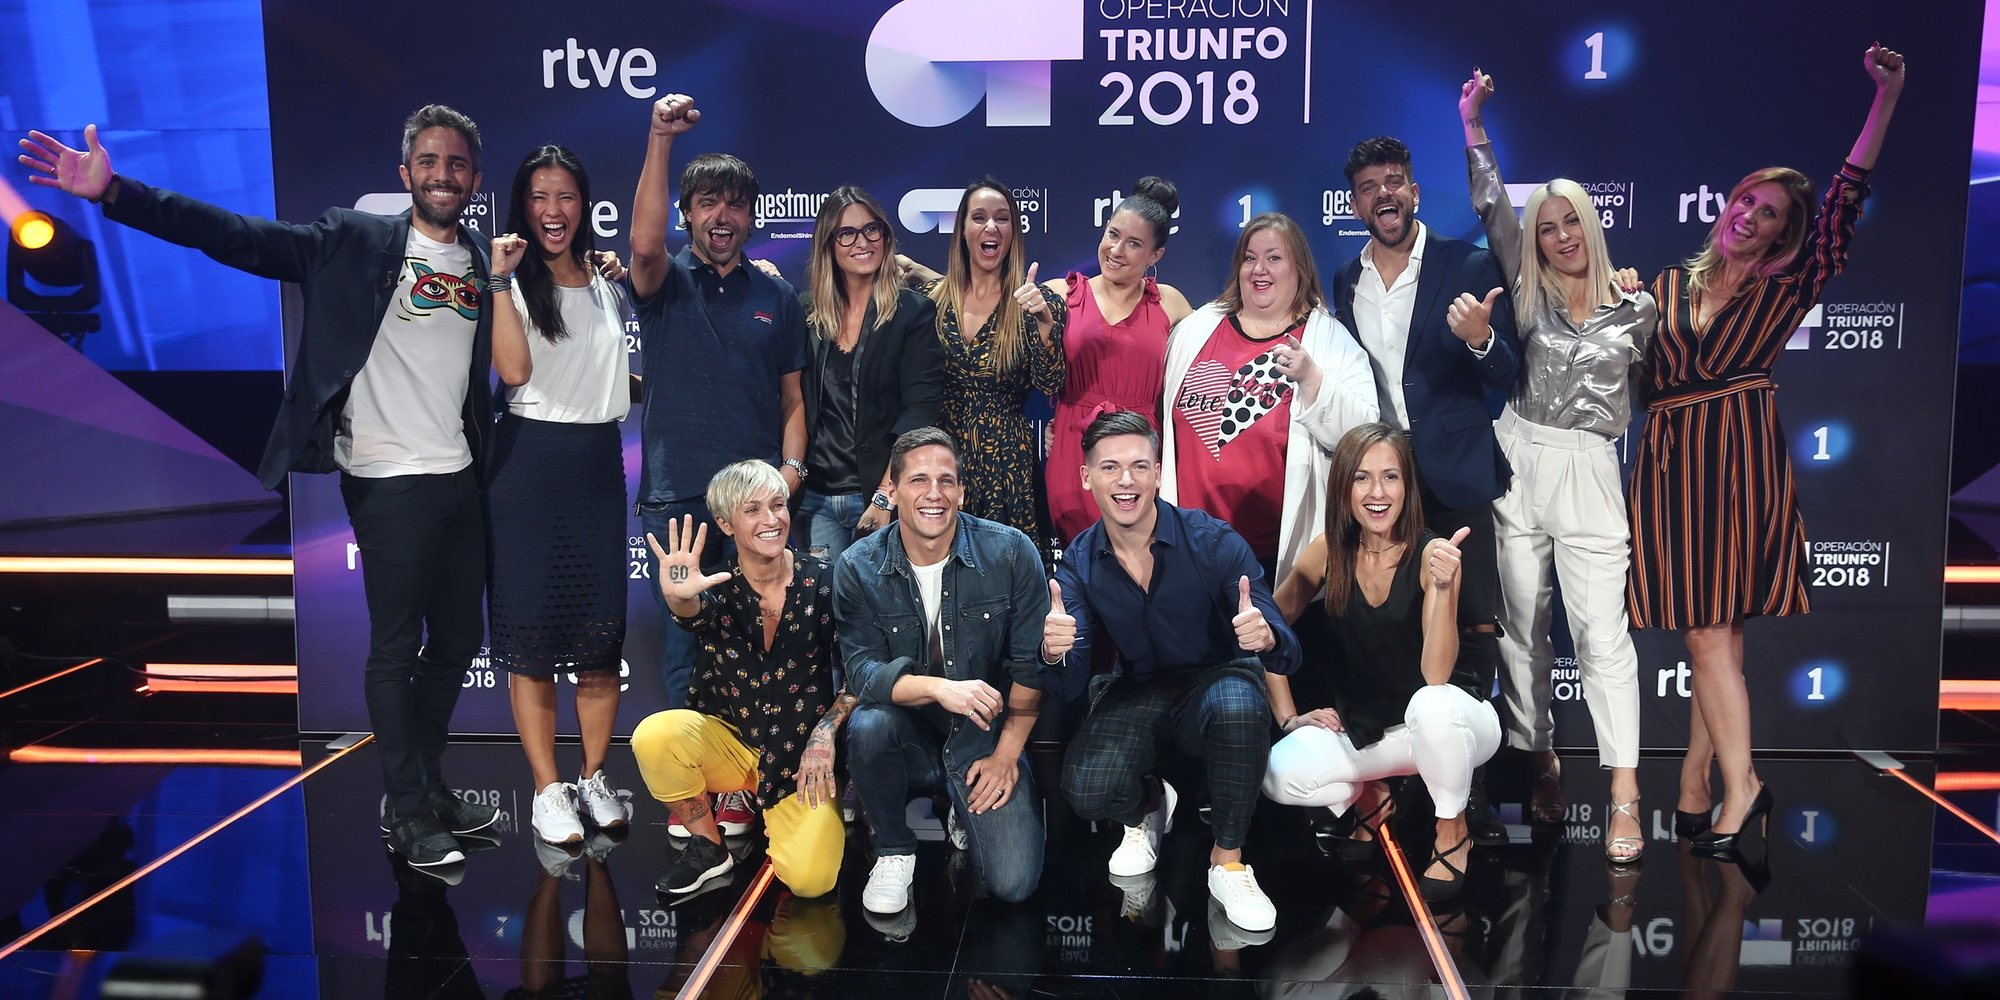 Todo lo que debes saber sobre 'OT 2018': Ricky Merino en el chat y el representante de Eurovisión